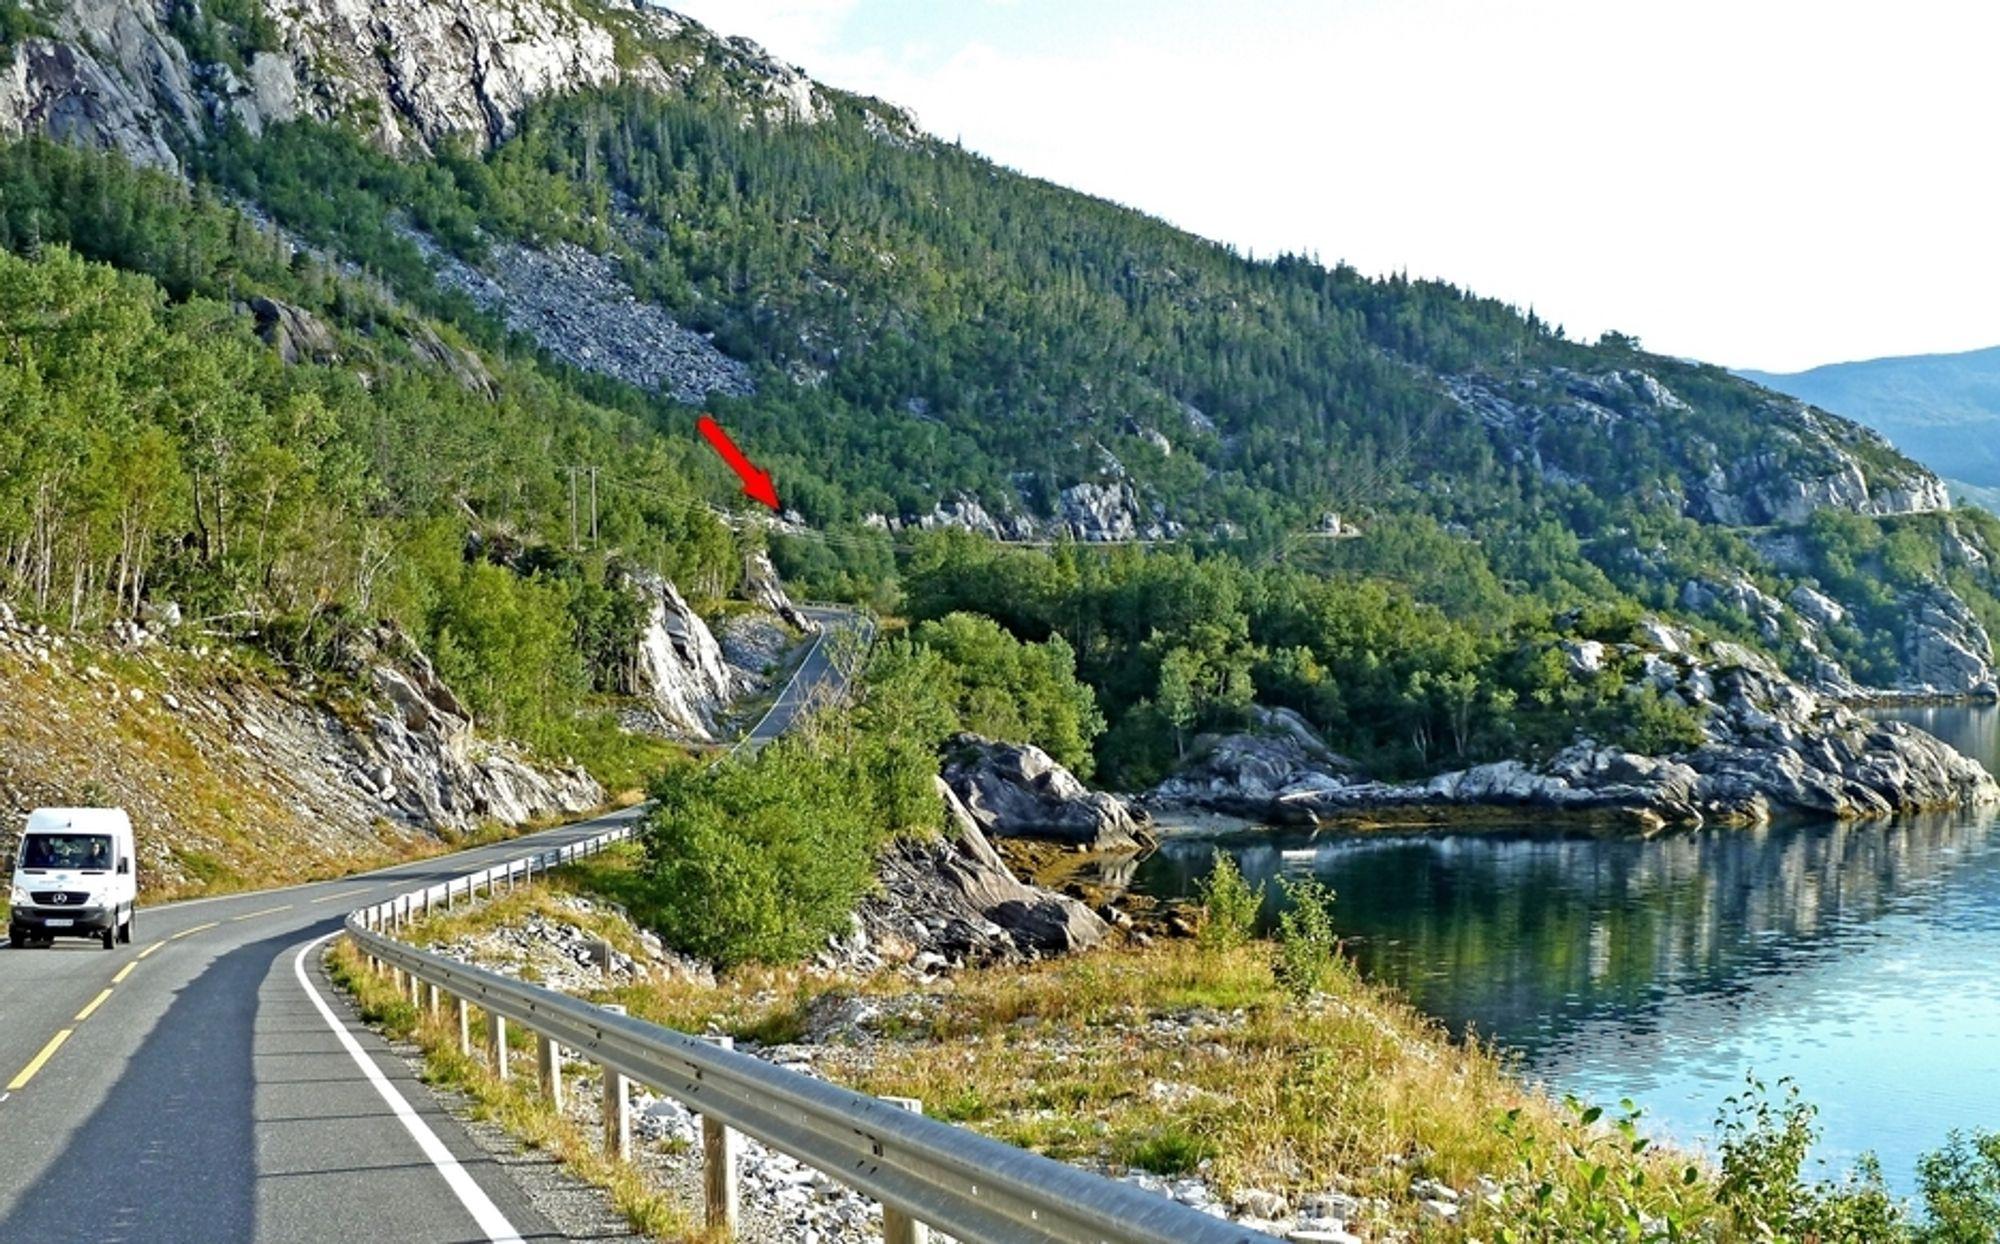 Den røde pilen markerer tunnelinnslaget i sørvest.